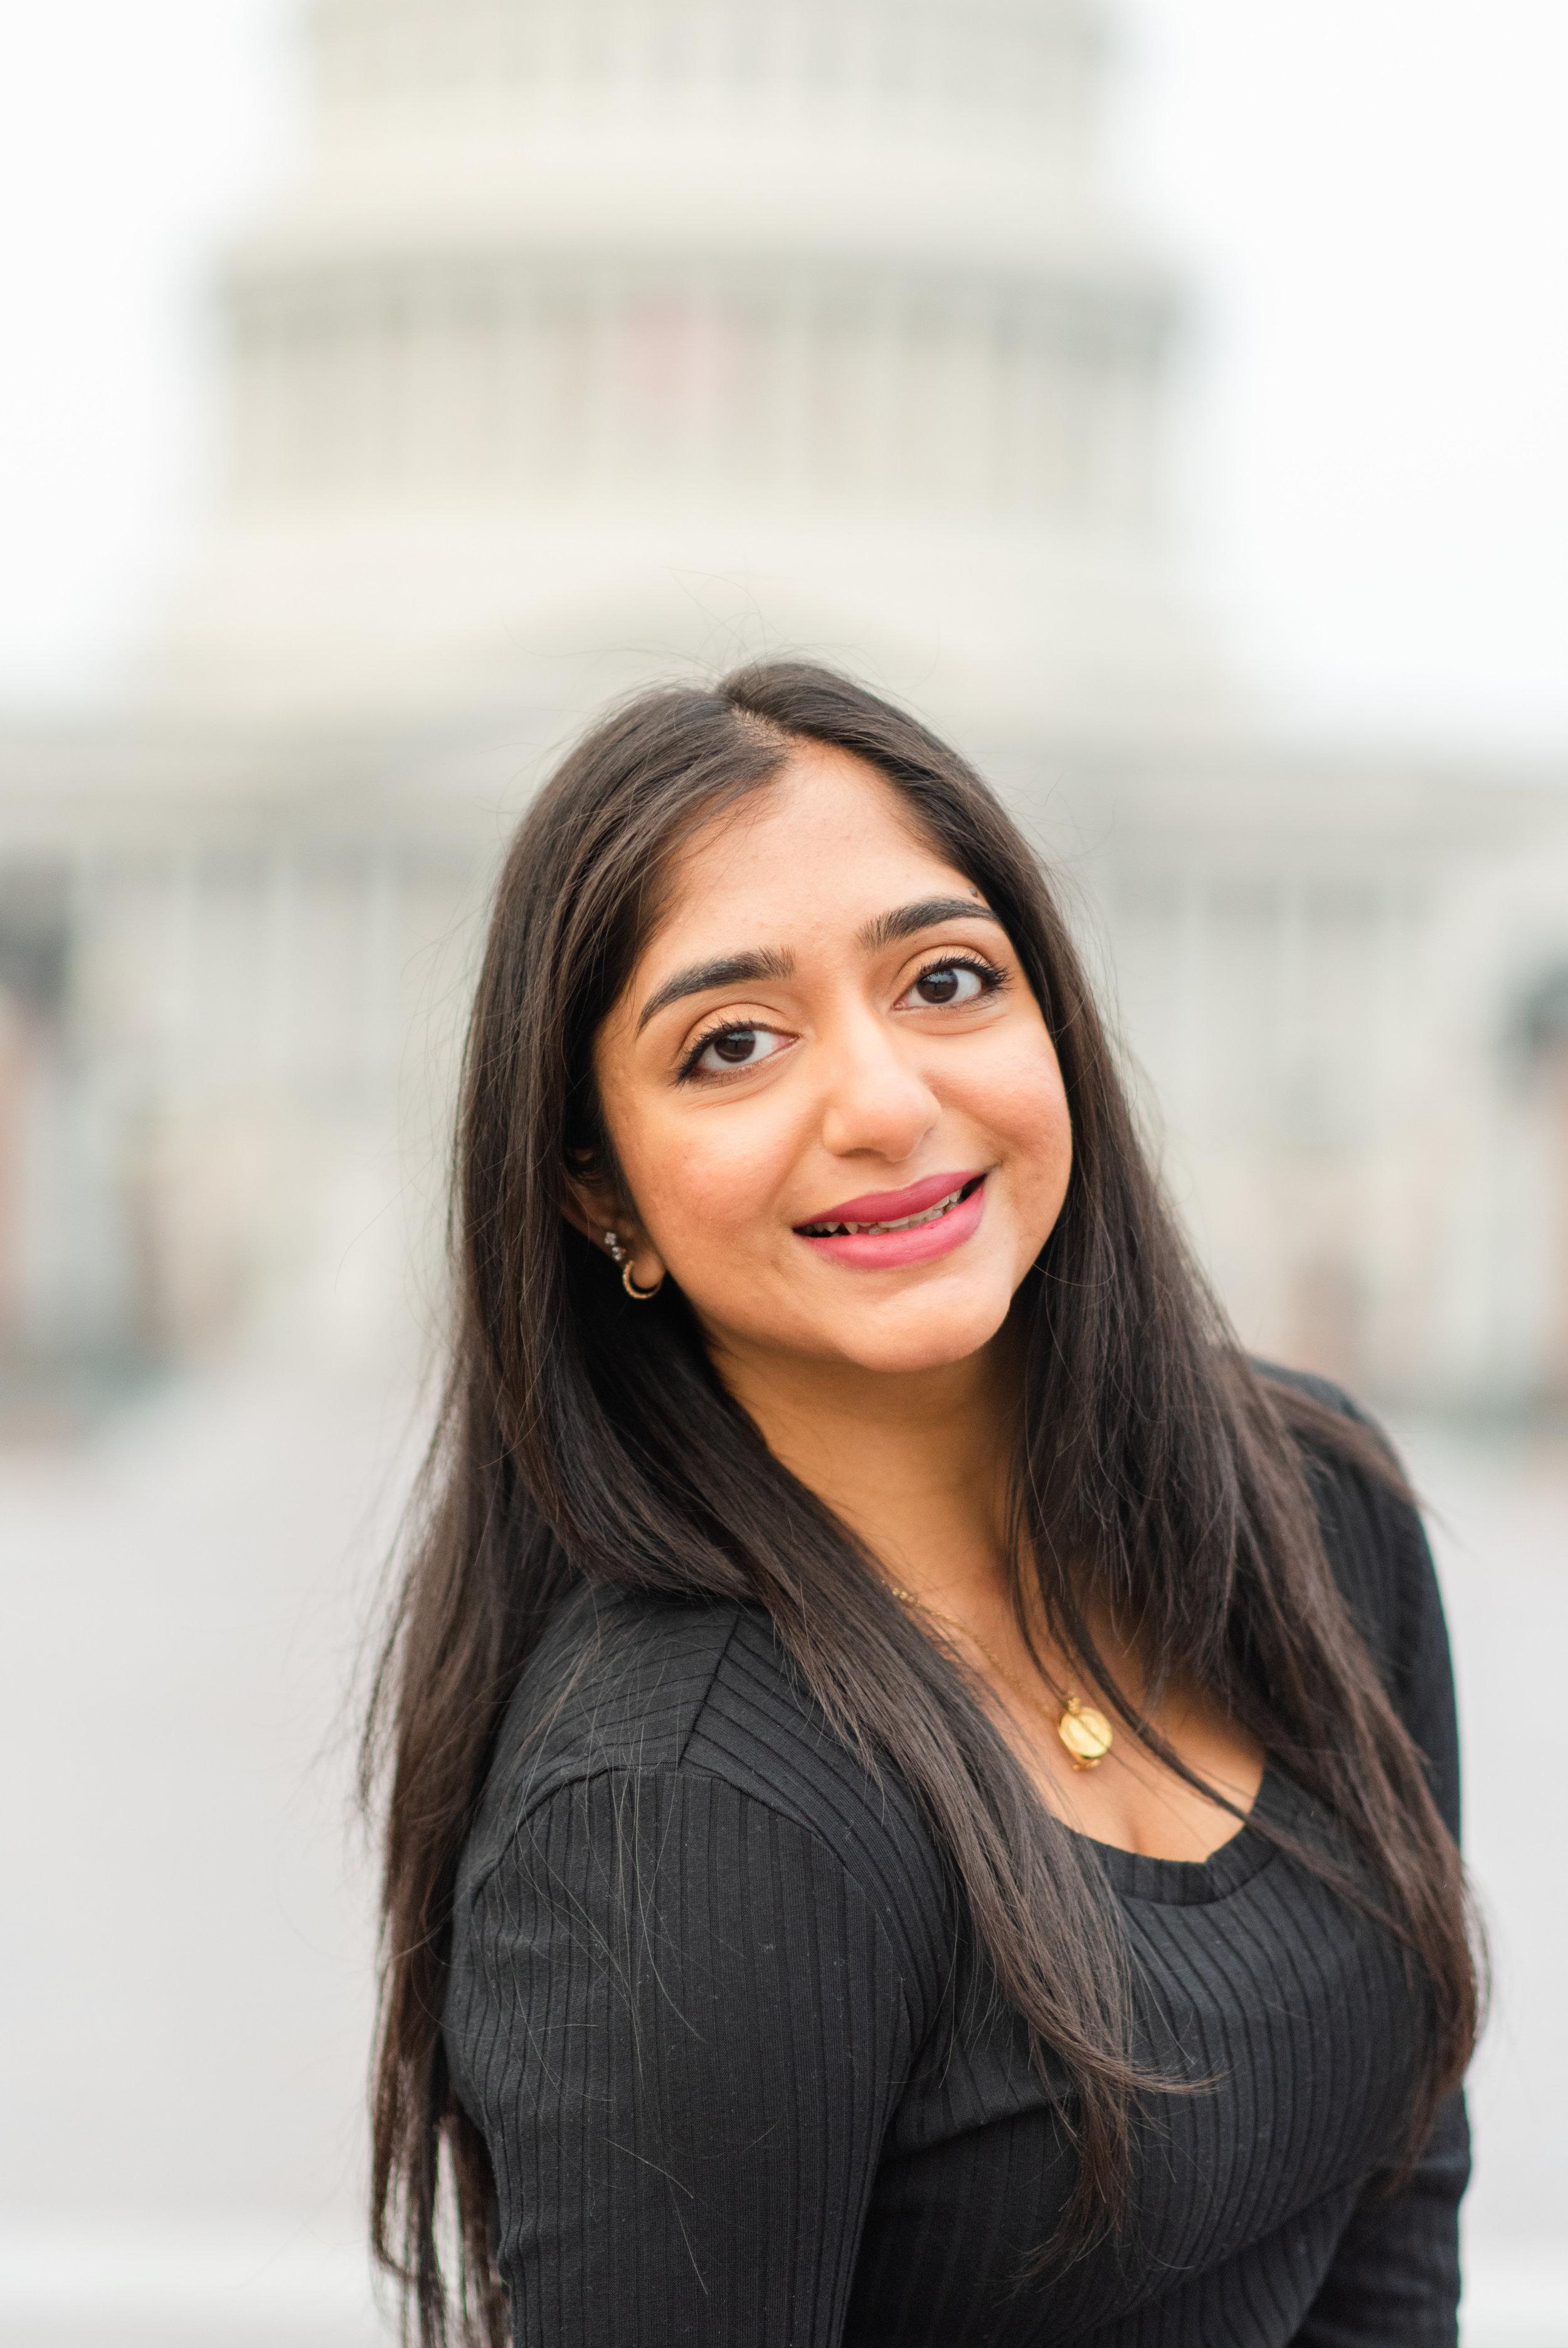 Suma Chaparala - Board At-Large, Operations Team